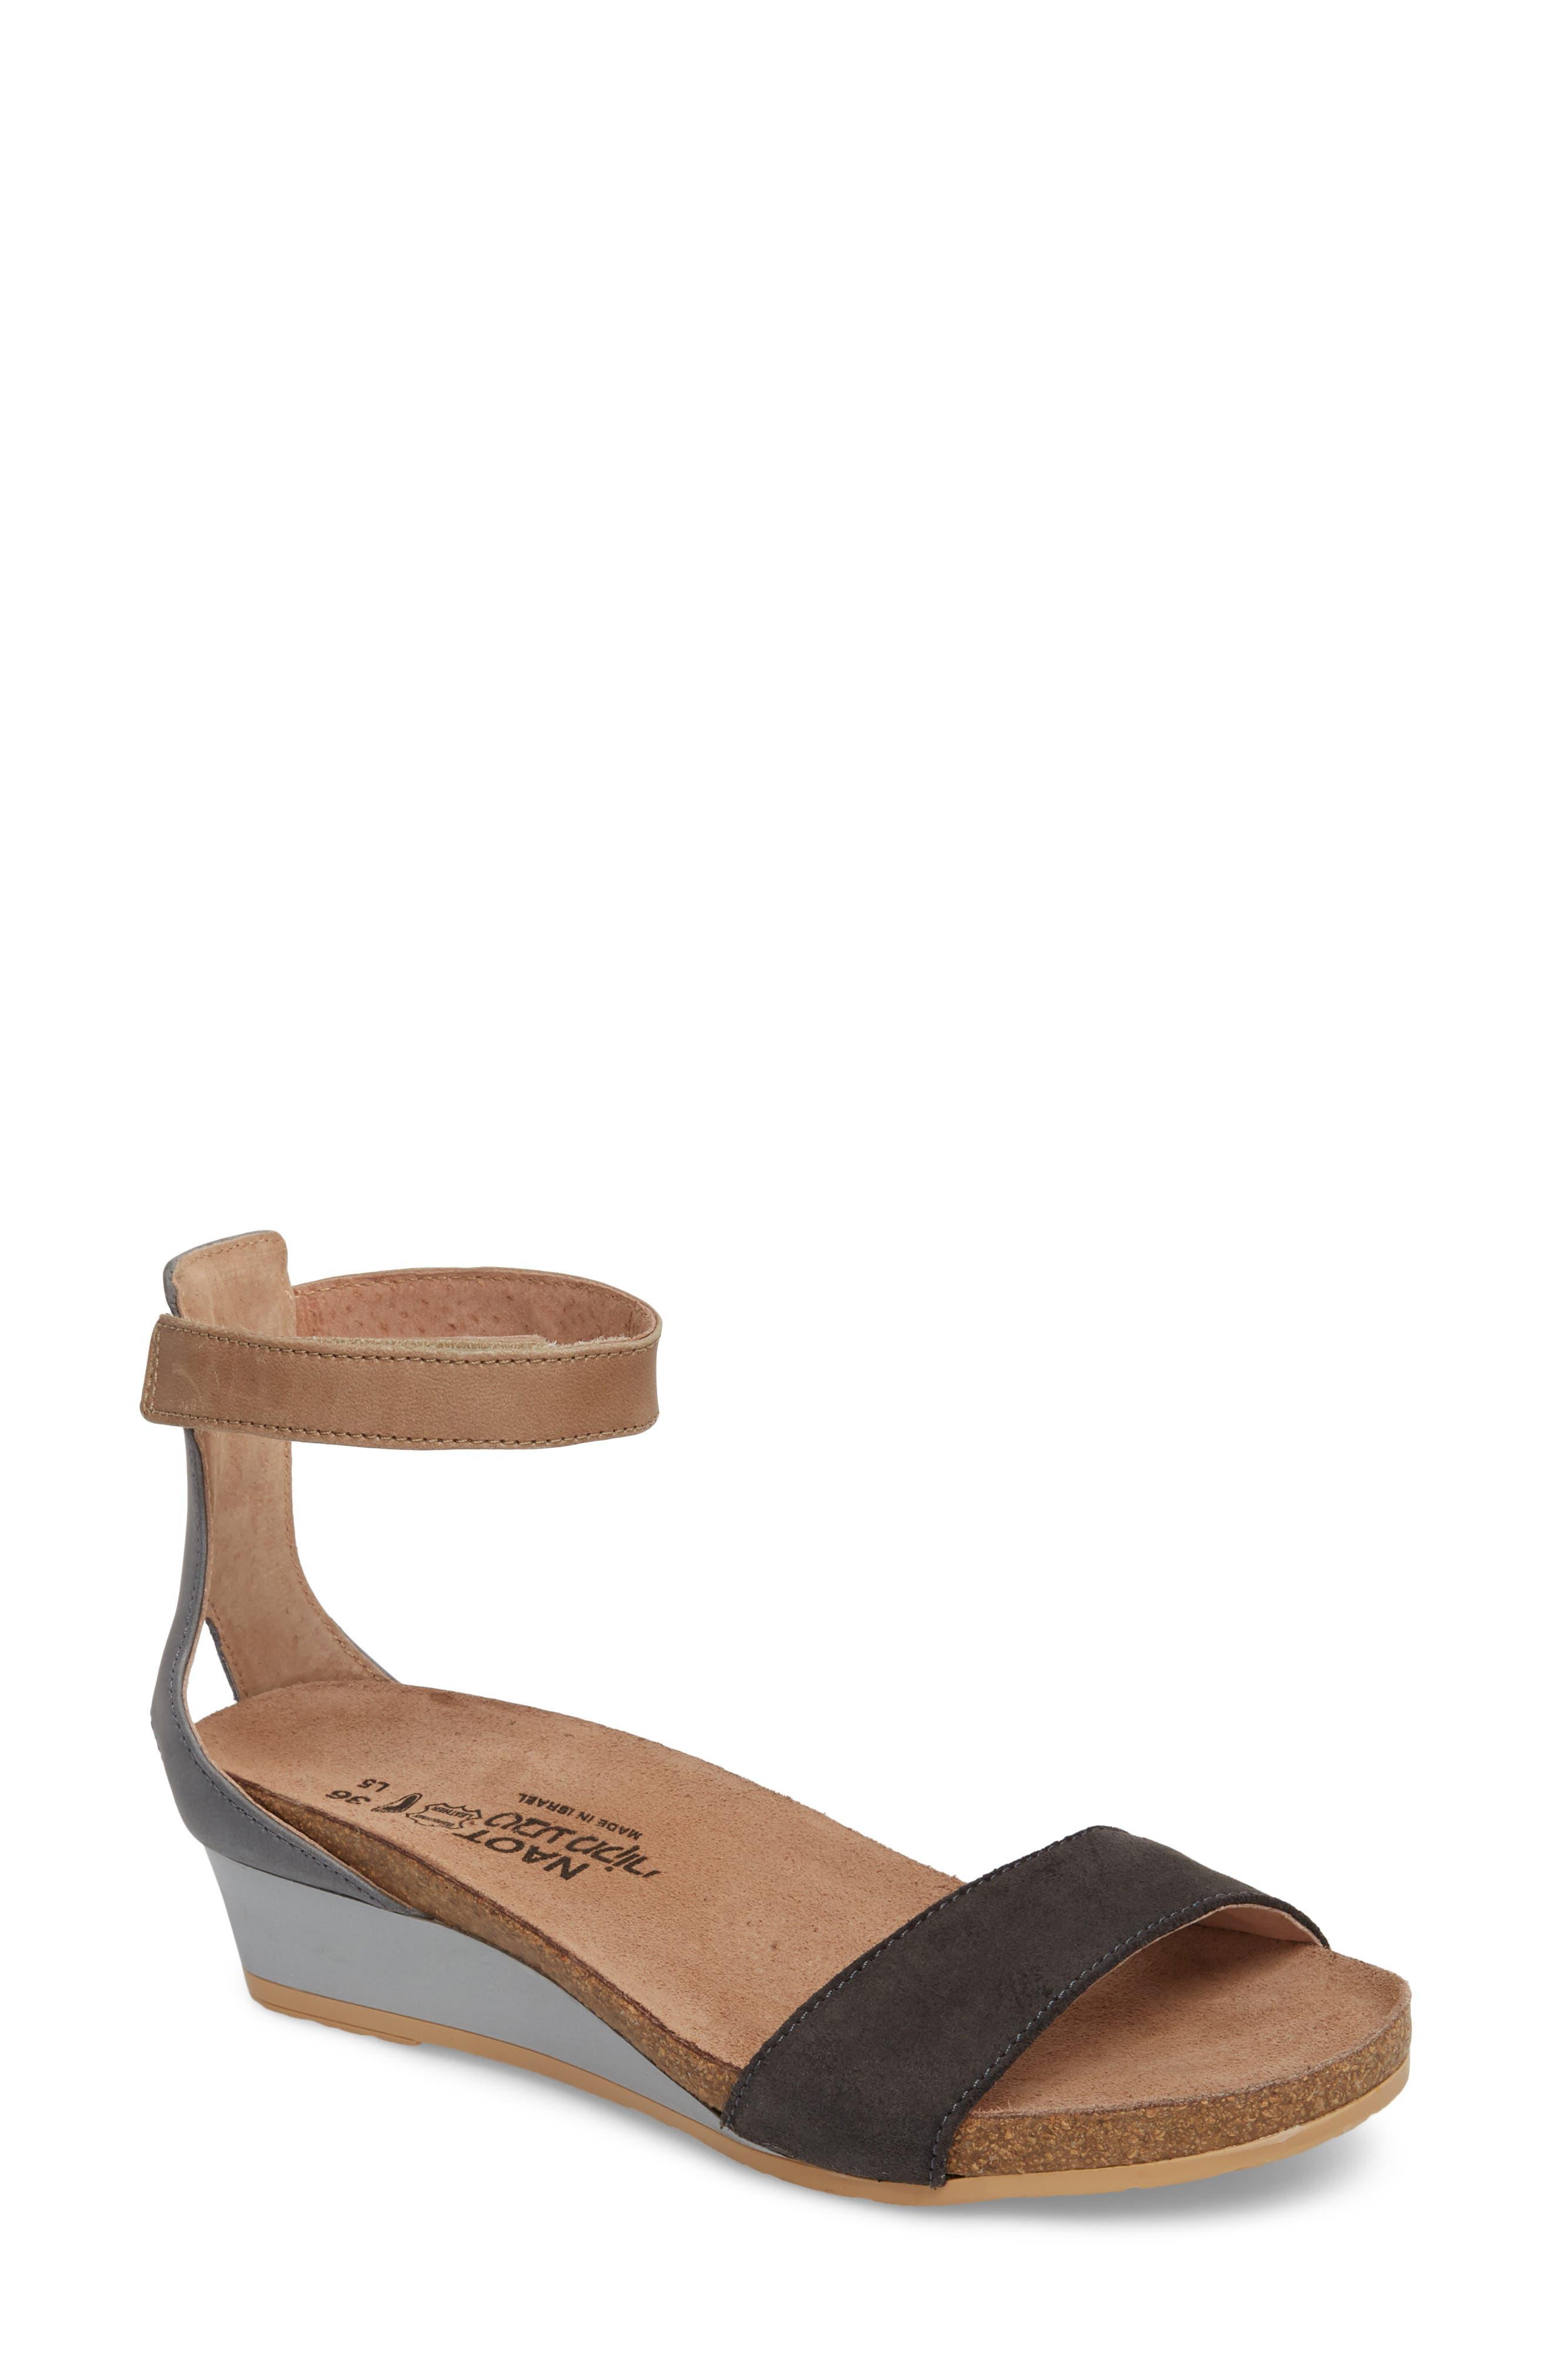 'Pixie' Sandal,                         Main,                         color, BLACK SUEDE